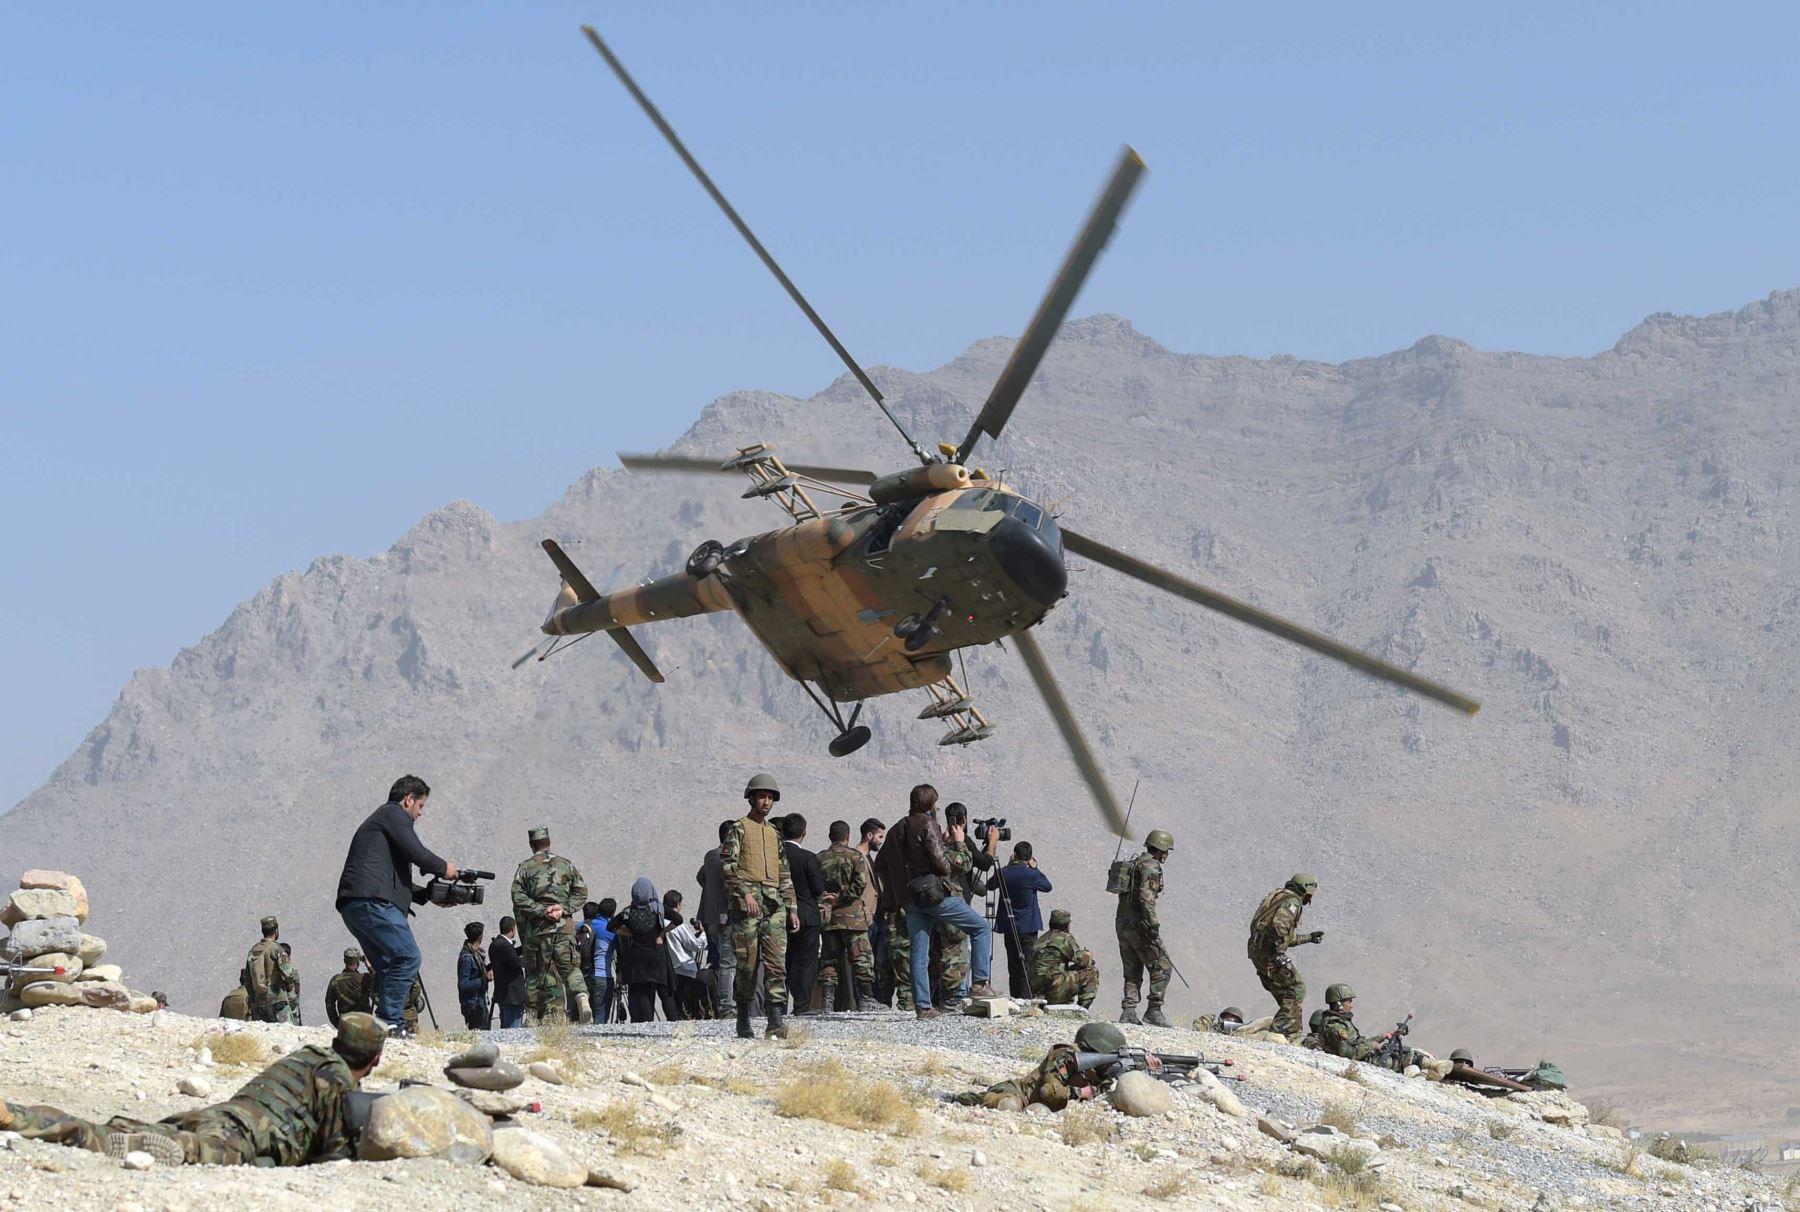 Un helicóptero Mi-17 de la Fuerza Aérea afgana vuela durante un ejercicio militar en Kabul. Foto: AFP